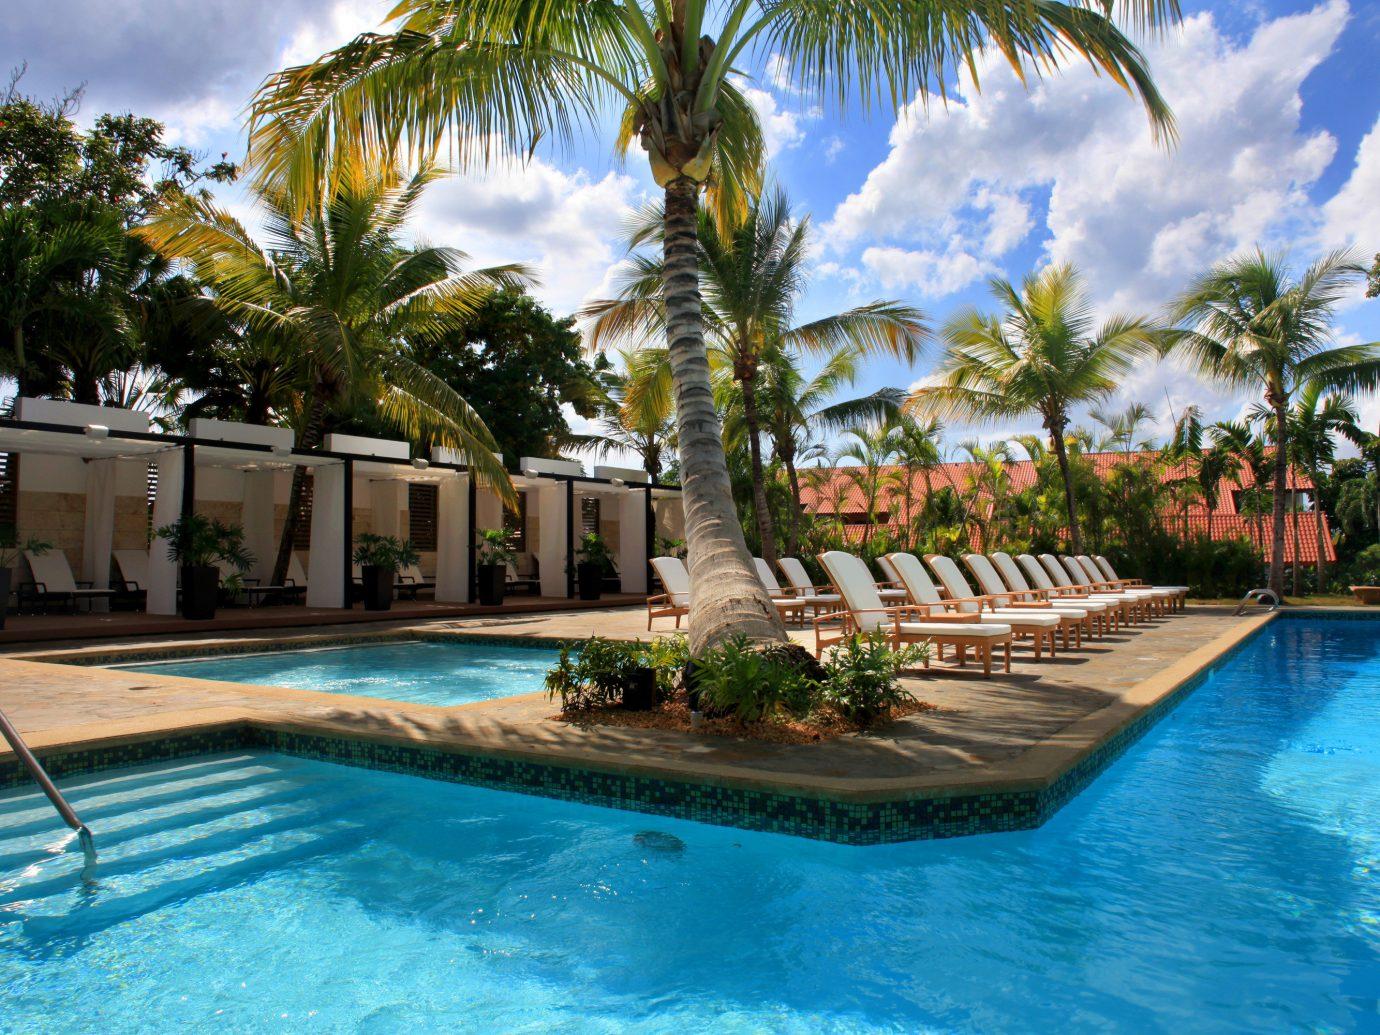 Casa De Campo Resort And Villas Pool In Dominican Republic